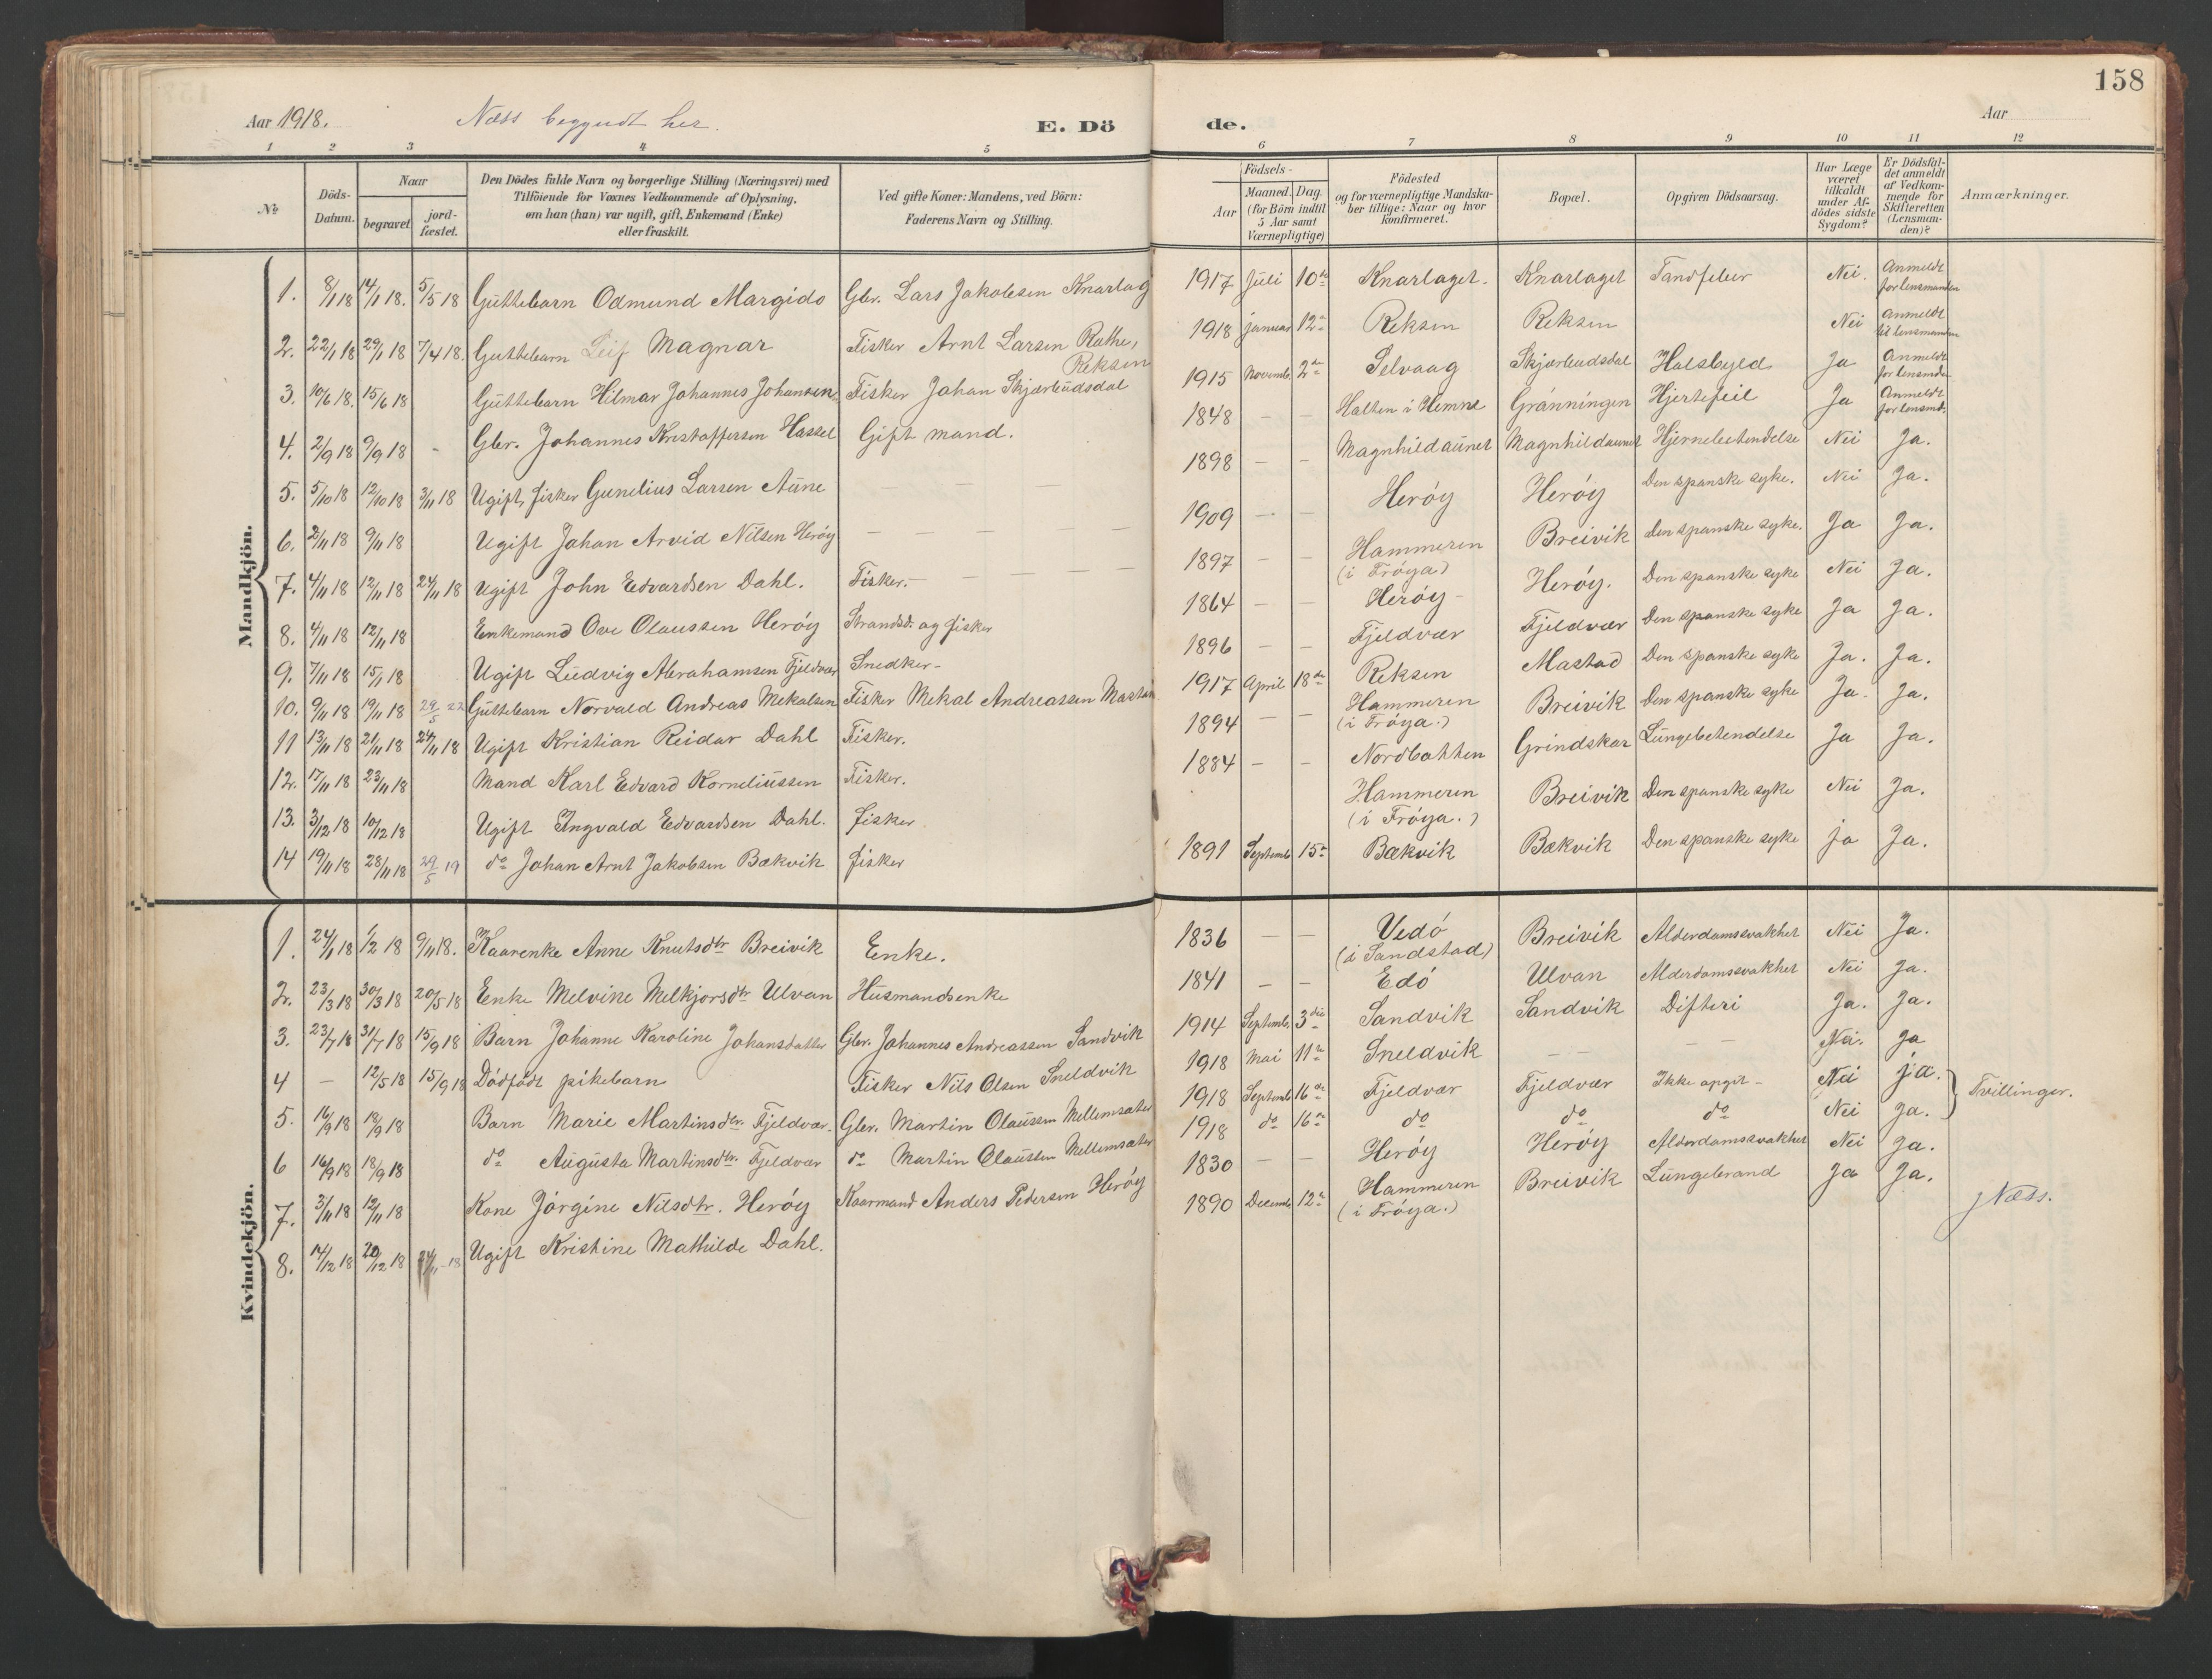 SAT, Ministerialprotokoller, klokkerbøker og fødselsregistre - Sør-Trøndelag, 638/L0571: Klokkerbok nr. 638C03, 1901-1930, s. 158